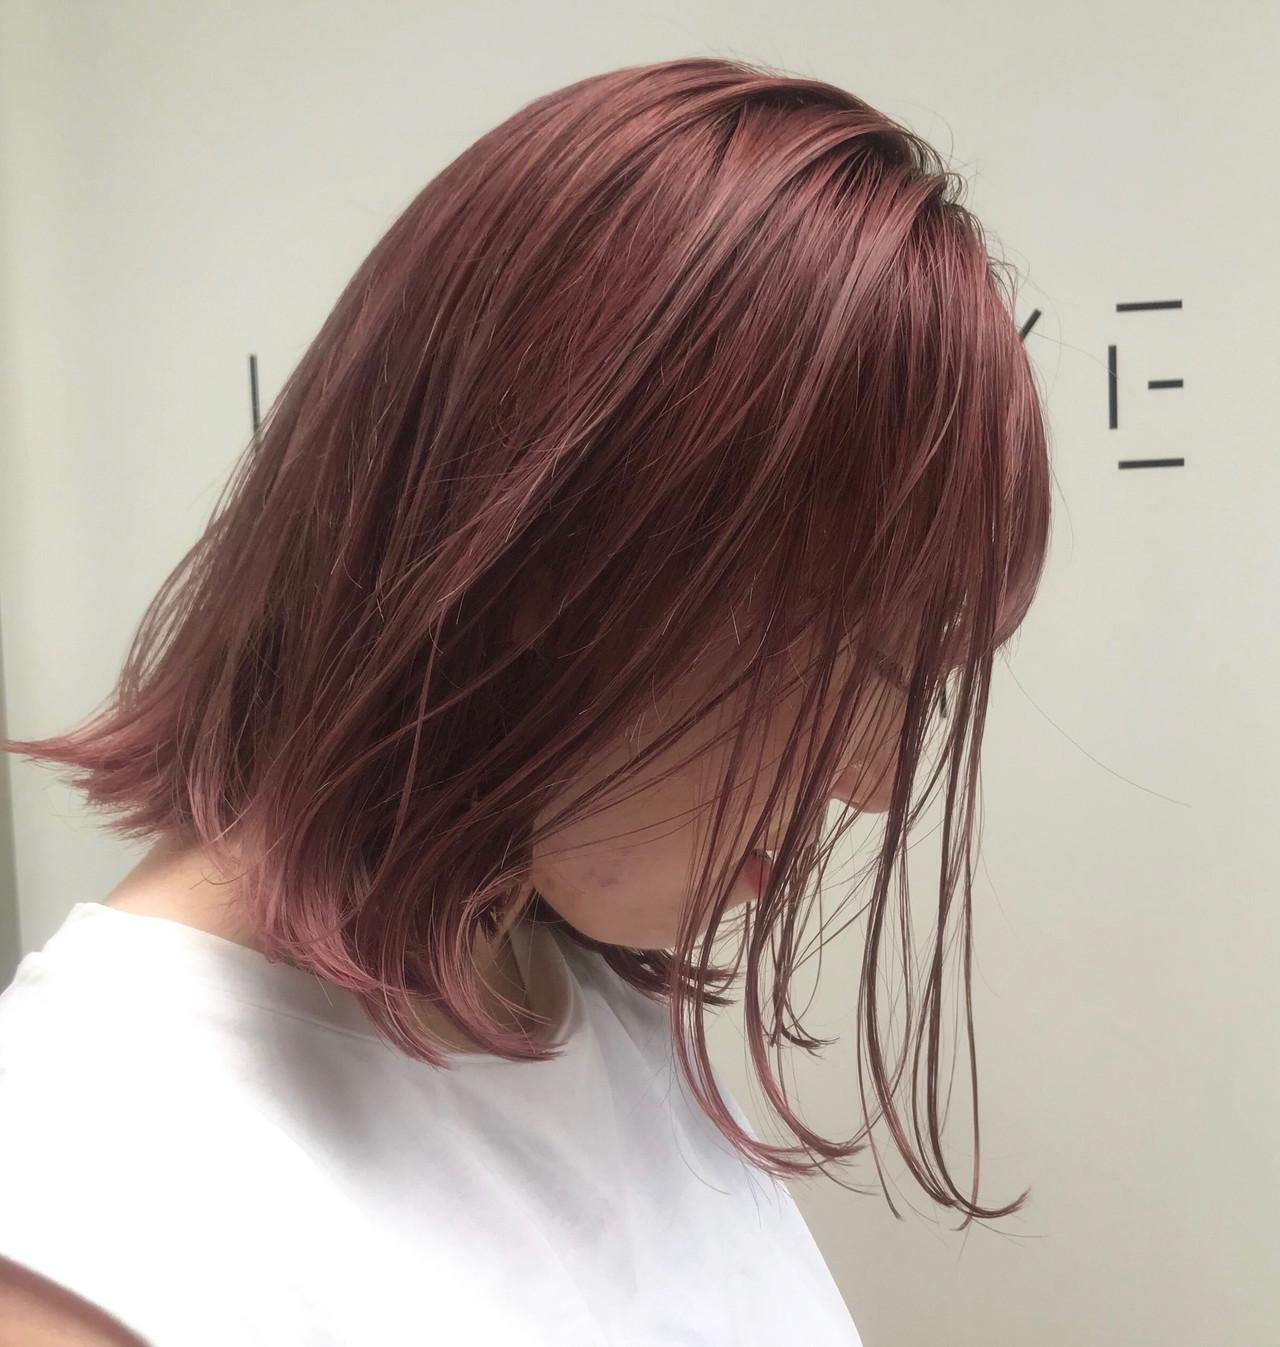 デート ボブ オフィス ヘアアレンジ ヘアスタイルや髪型の写真・画像